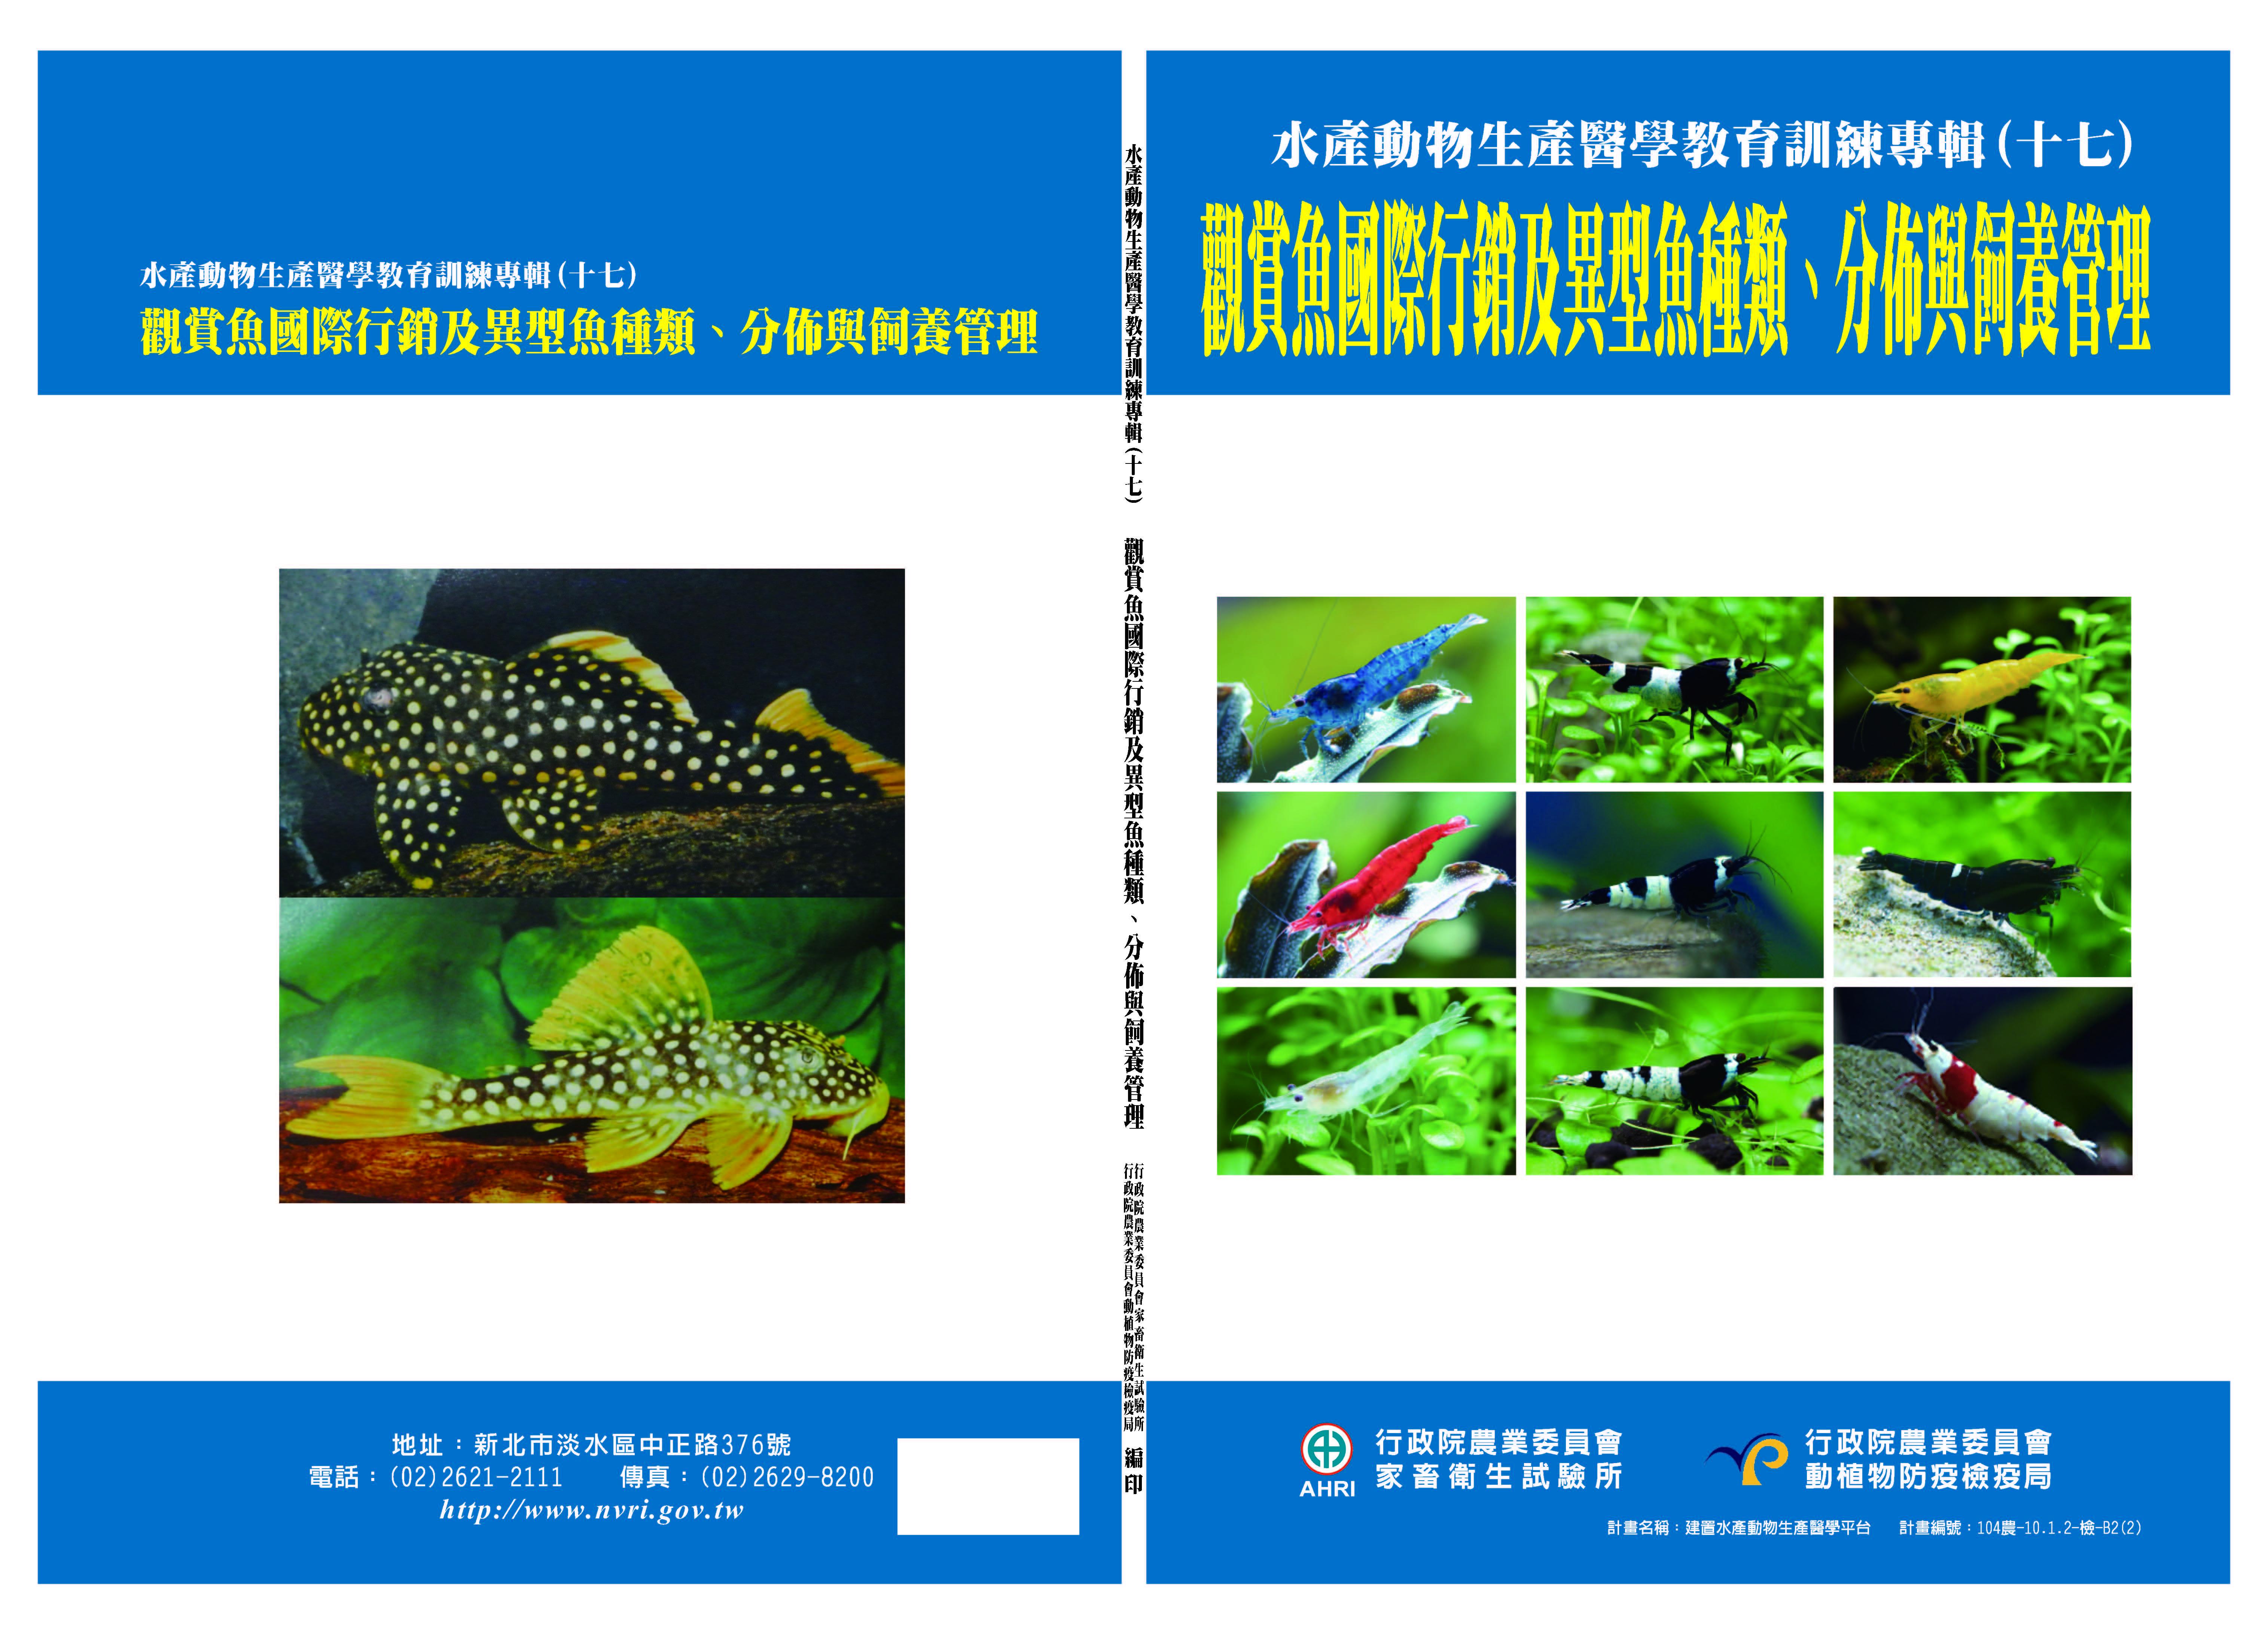 水產動物生產醫學教育訓練專輯(十七)觀賞魚國際行銷及異型魚種類、分佈與飼養管理(另開新視窗)